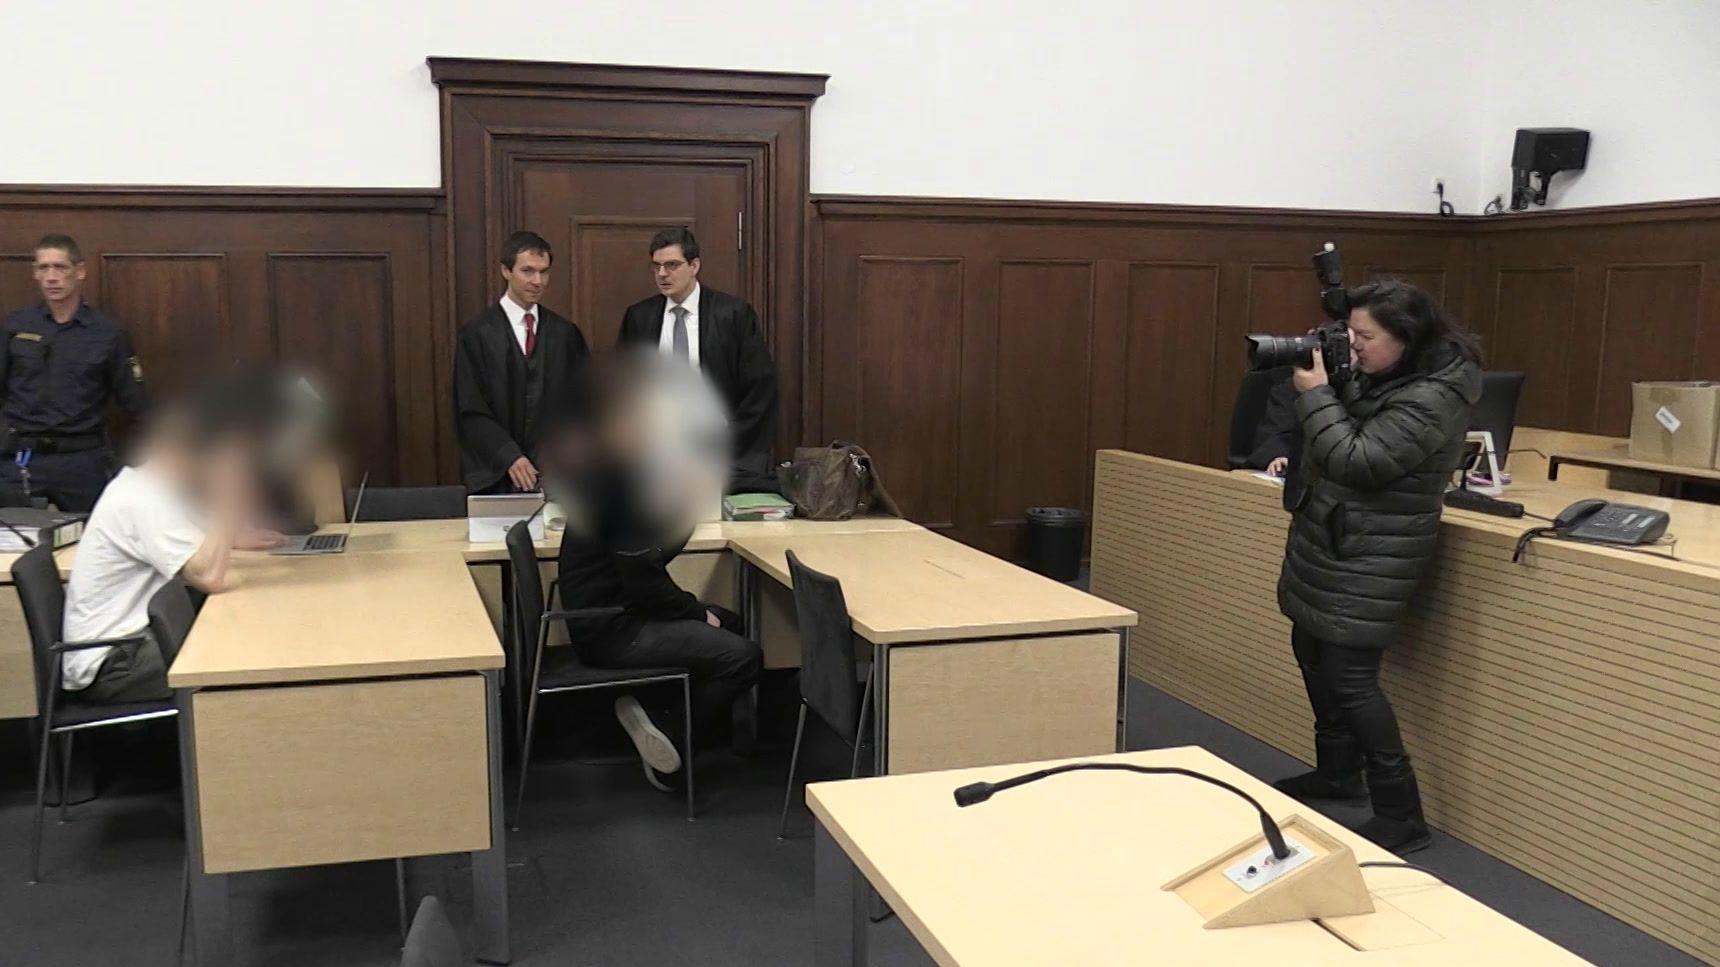 Die Angeklagten sitzen im Verhandlungssaal.